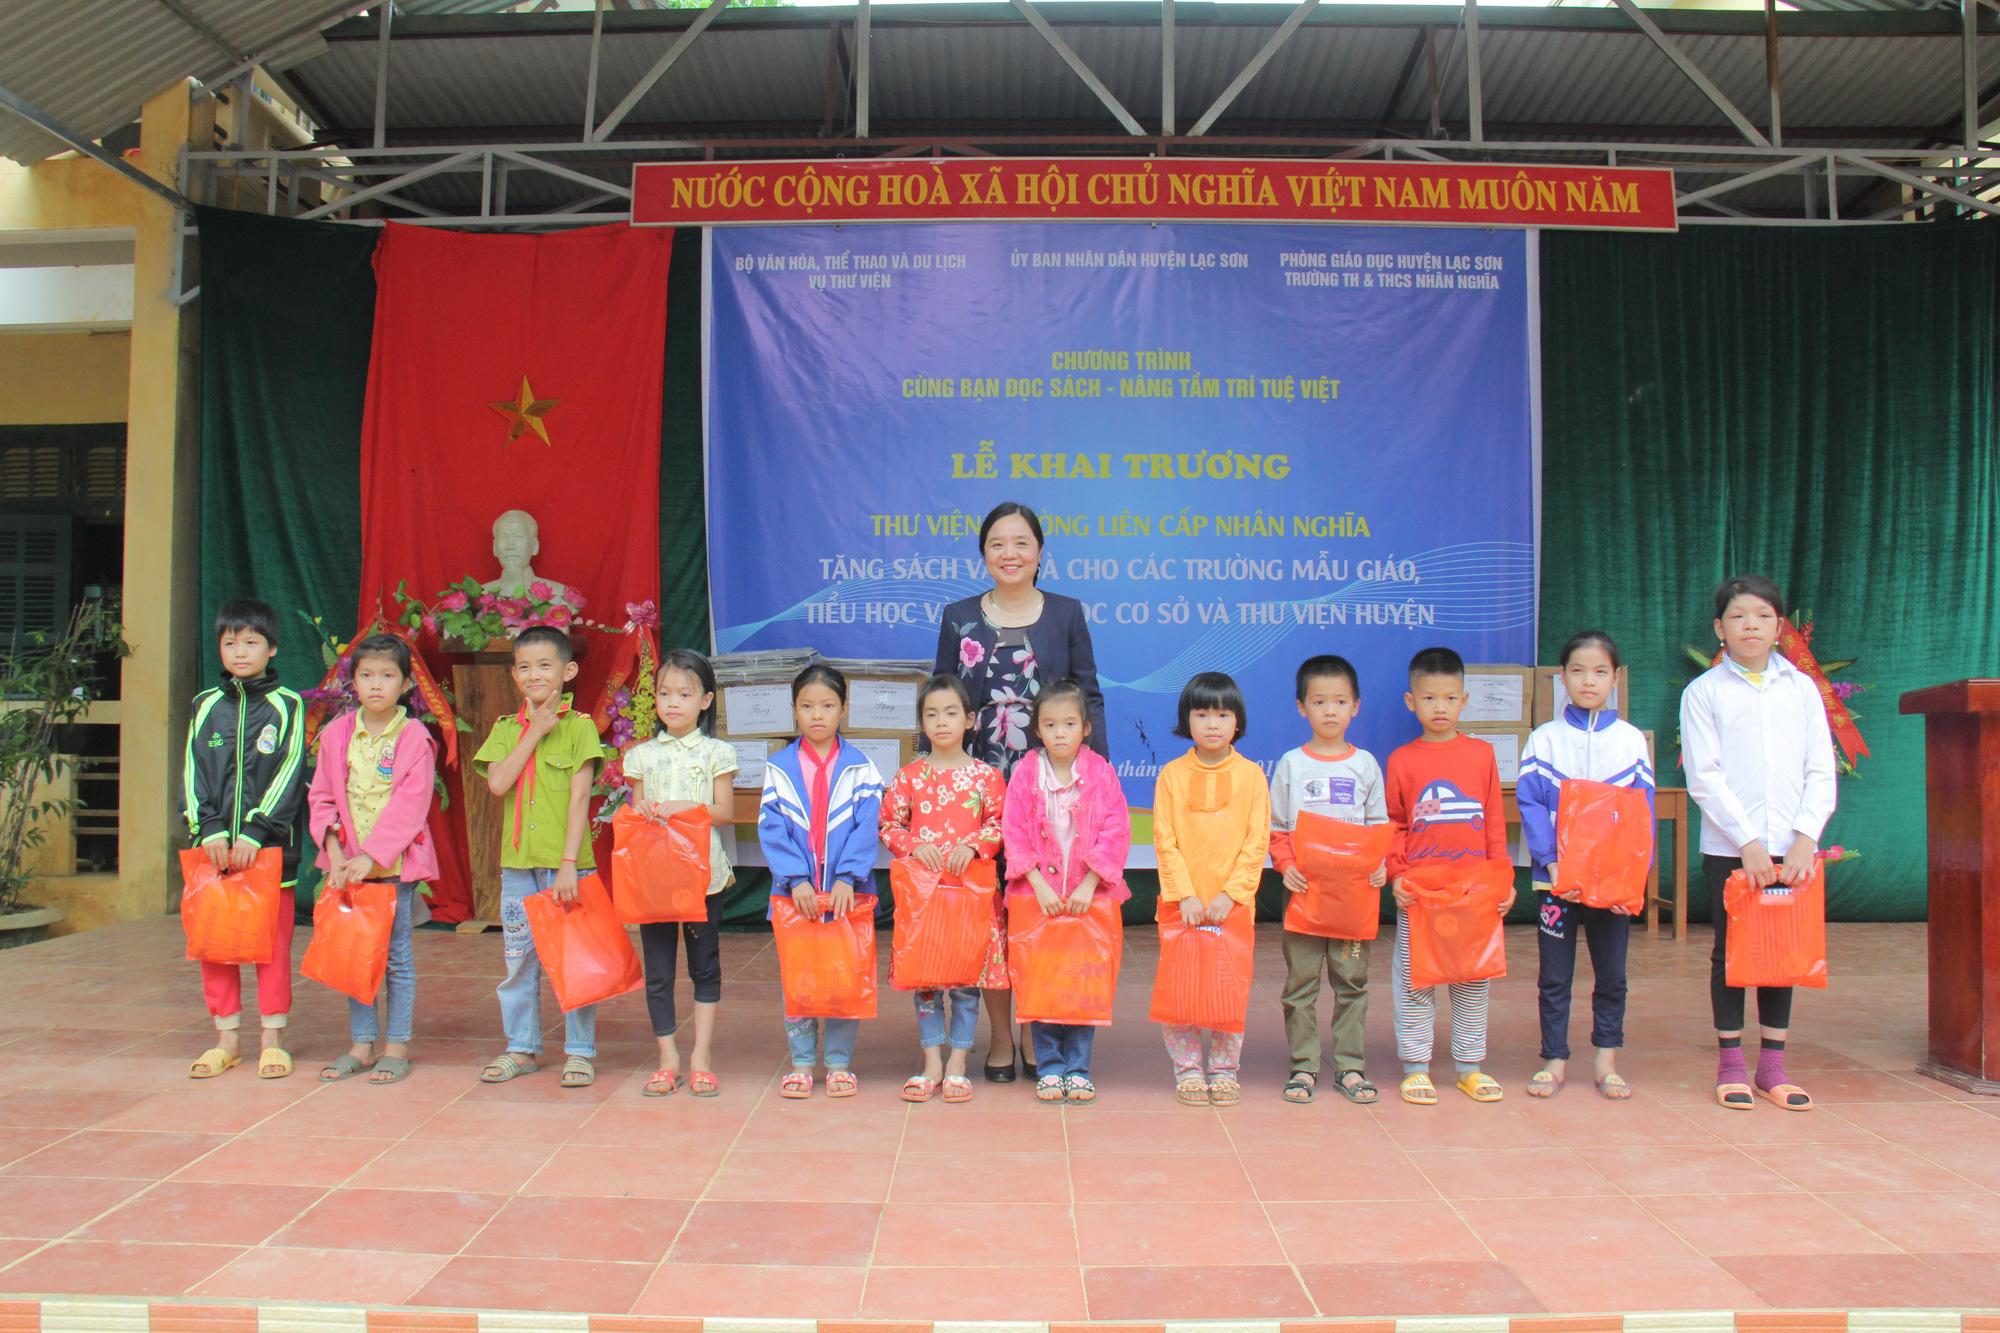 Trao tặng hơn 4.000 đầu sách cho các thư viện, trường học tỉnh Hòa Bình - Ảnh 6.